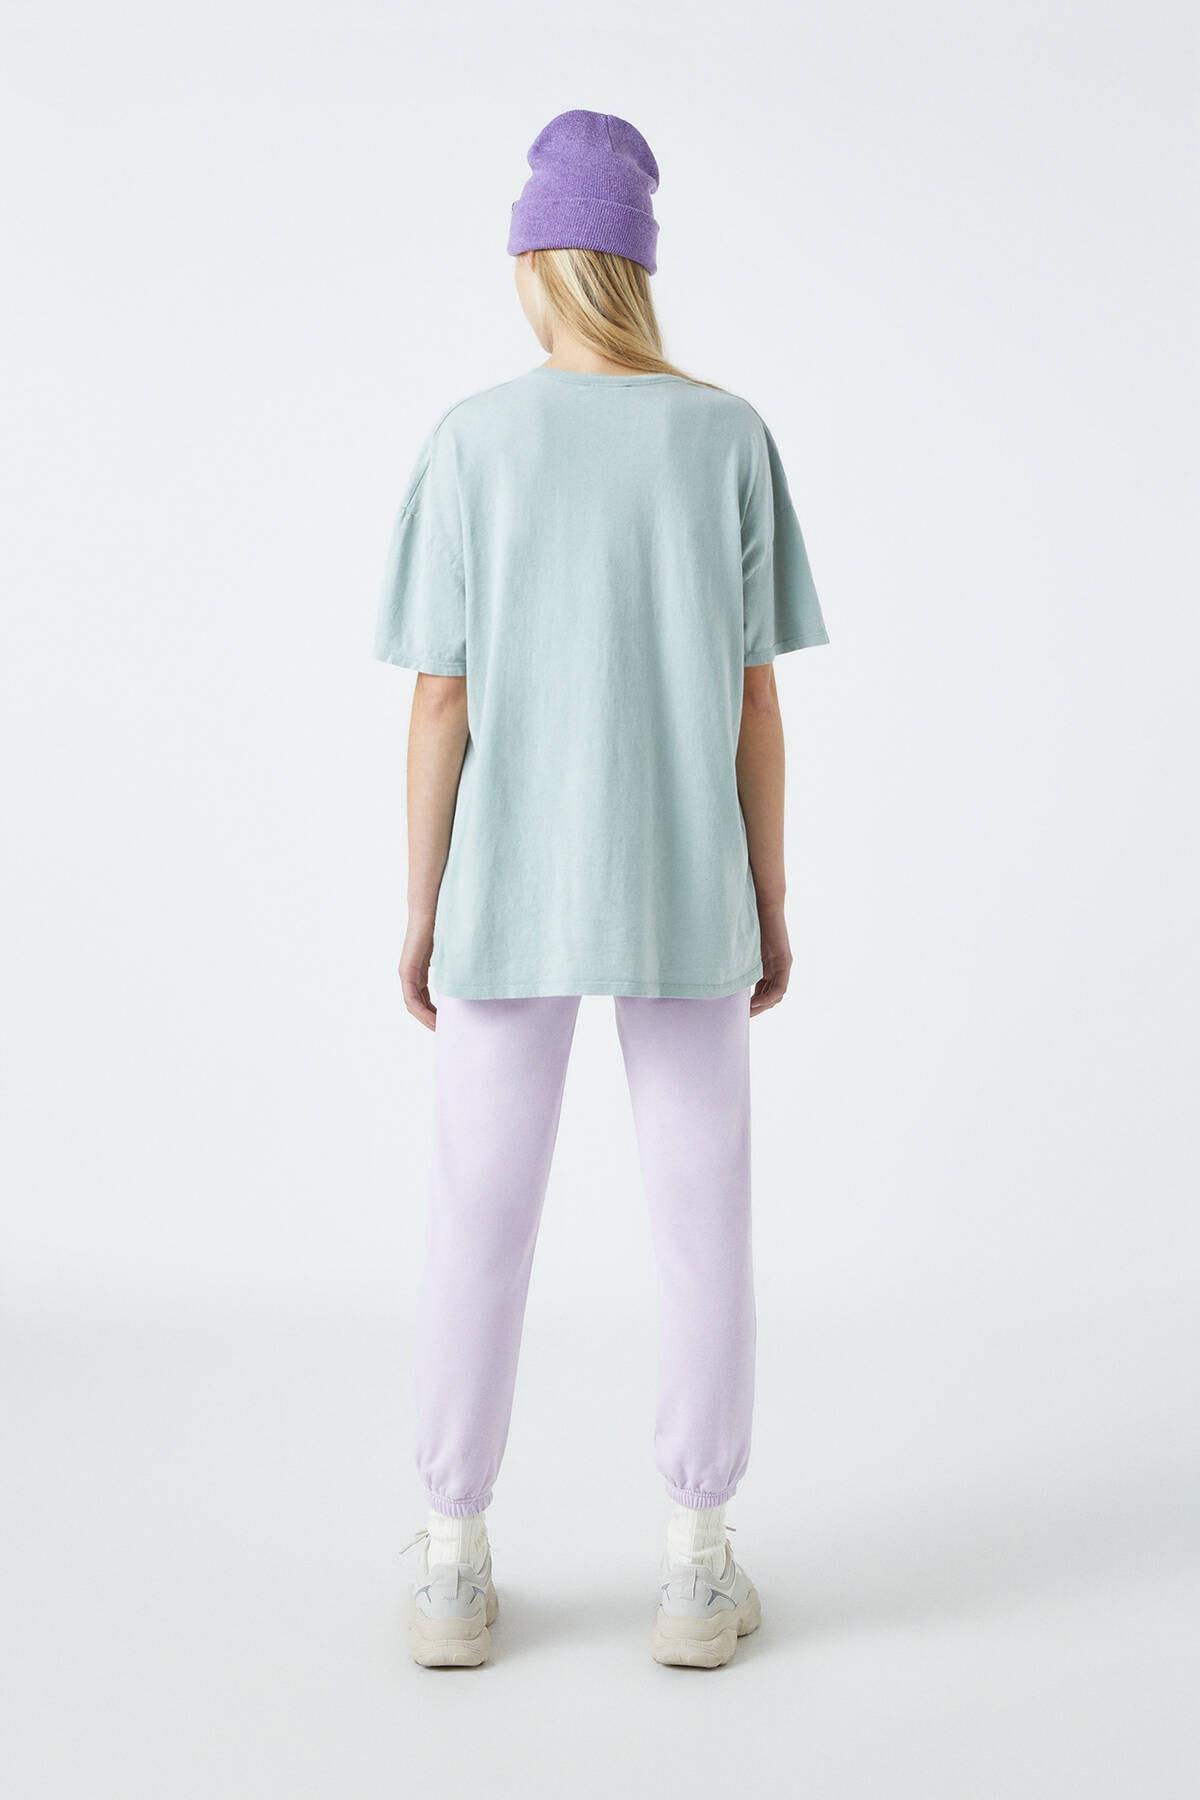 Pull & Bear Kadın Orta Haki Pembe Tapınak Görselli T-Shirt 04240328 2